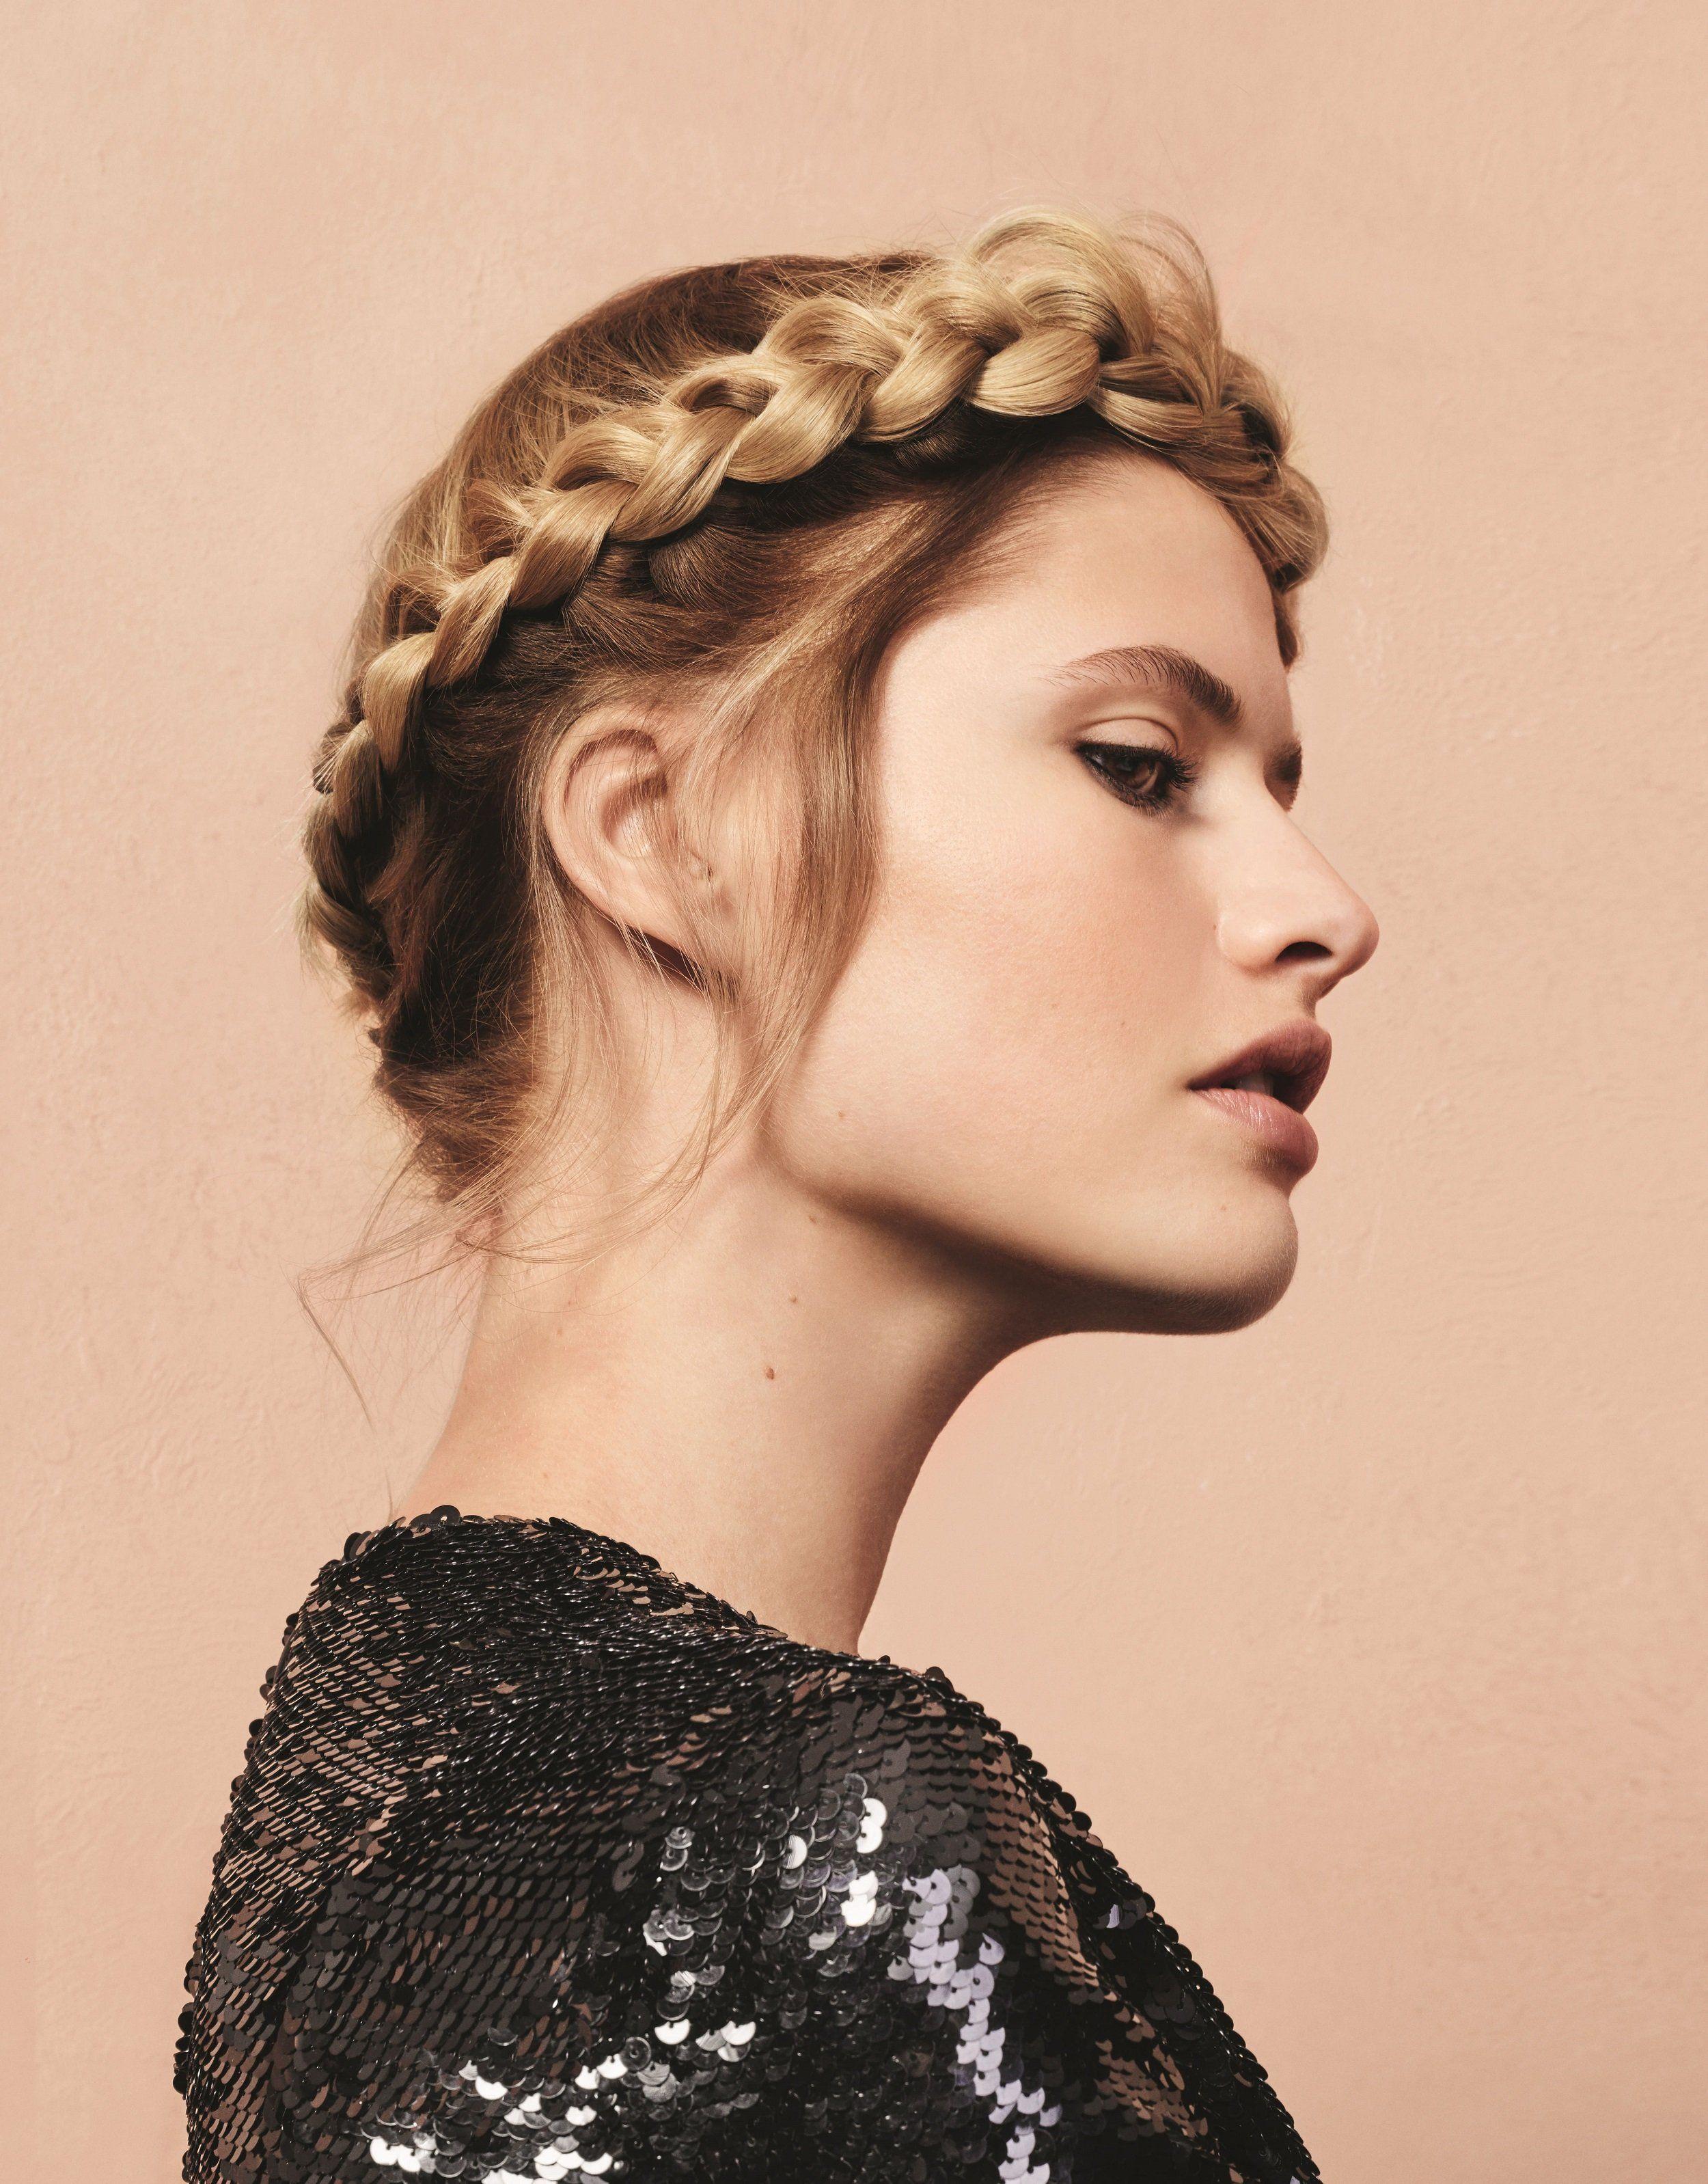 recogidos con trenzas fáciles, rápidos y modernos, peinado elegante con trenza tipo tiara alrededor de la cabeza